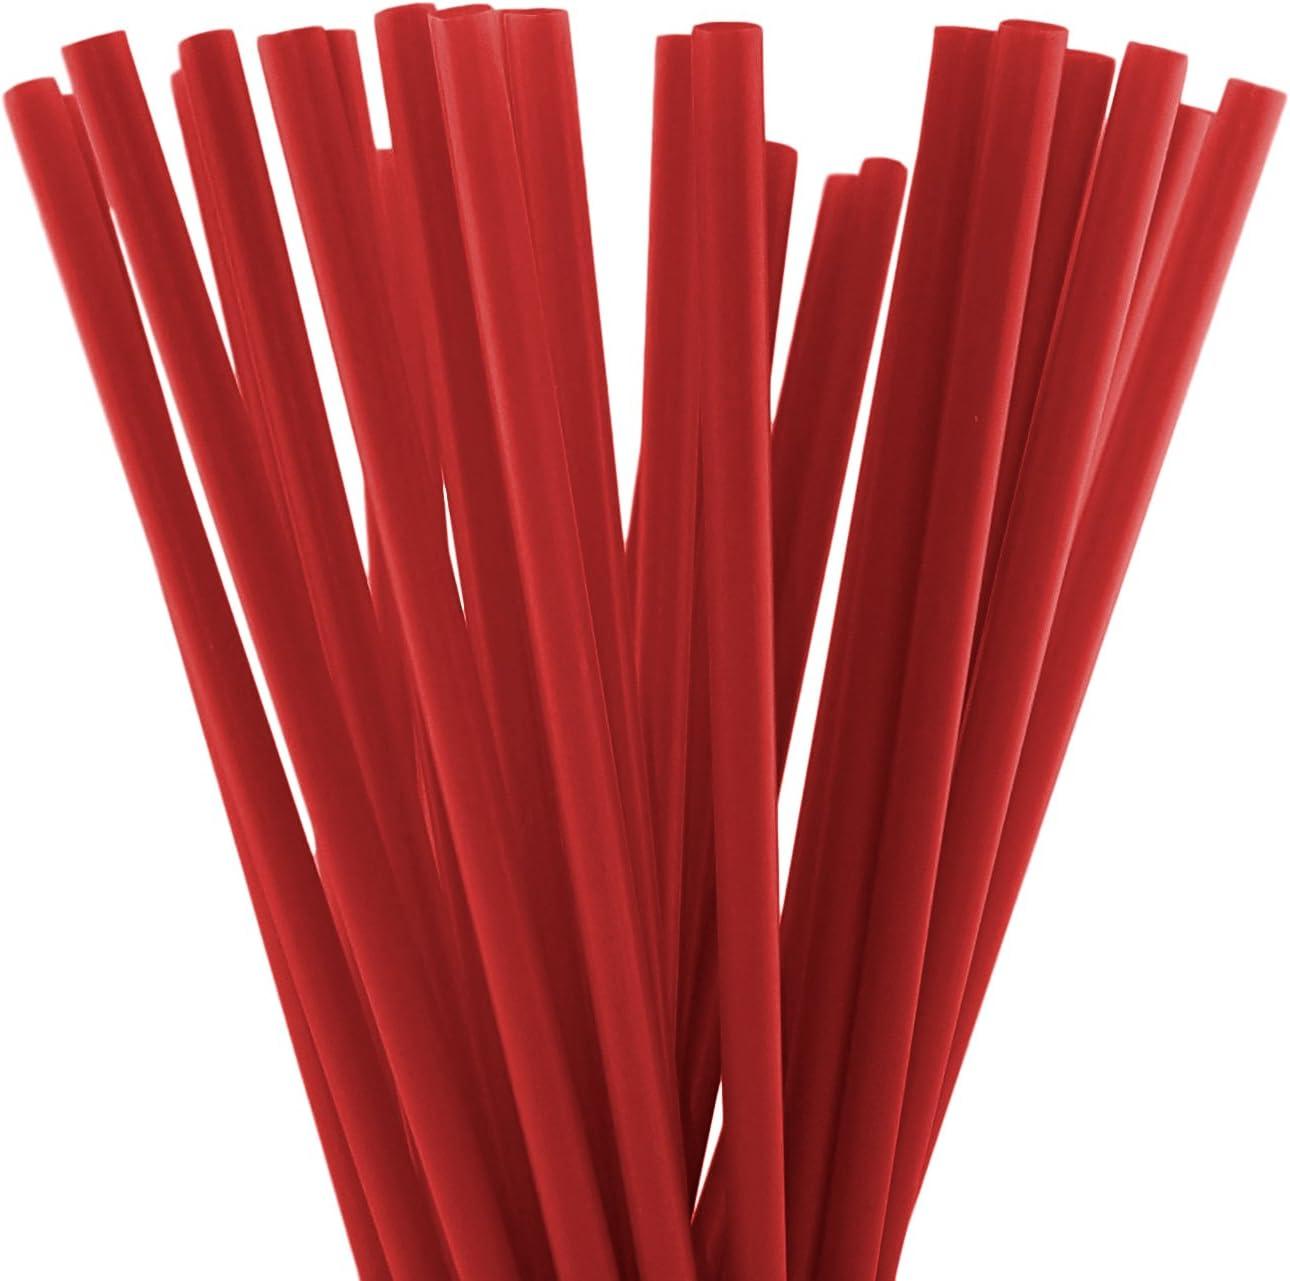 10 Inch Drinking Straws Clear 250 Straws 10 Inch x 0.28 Inch Clear 250